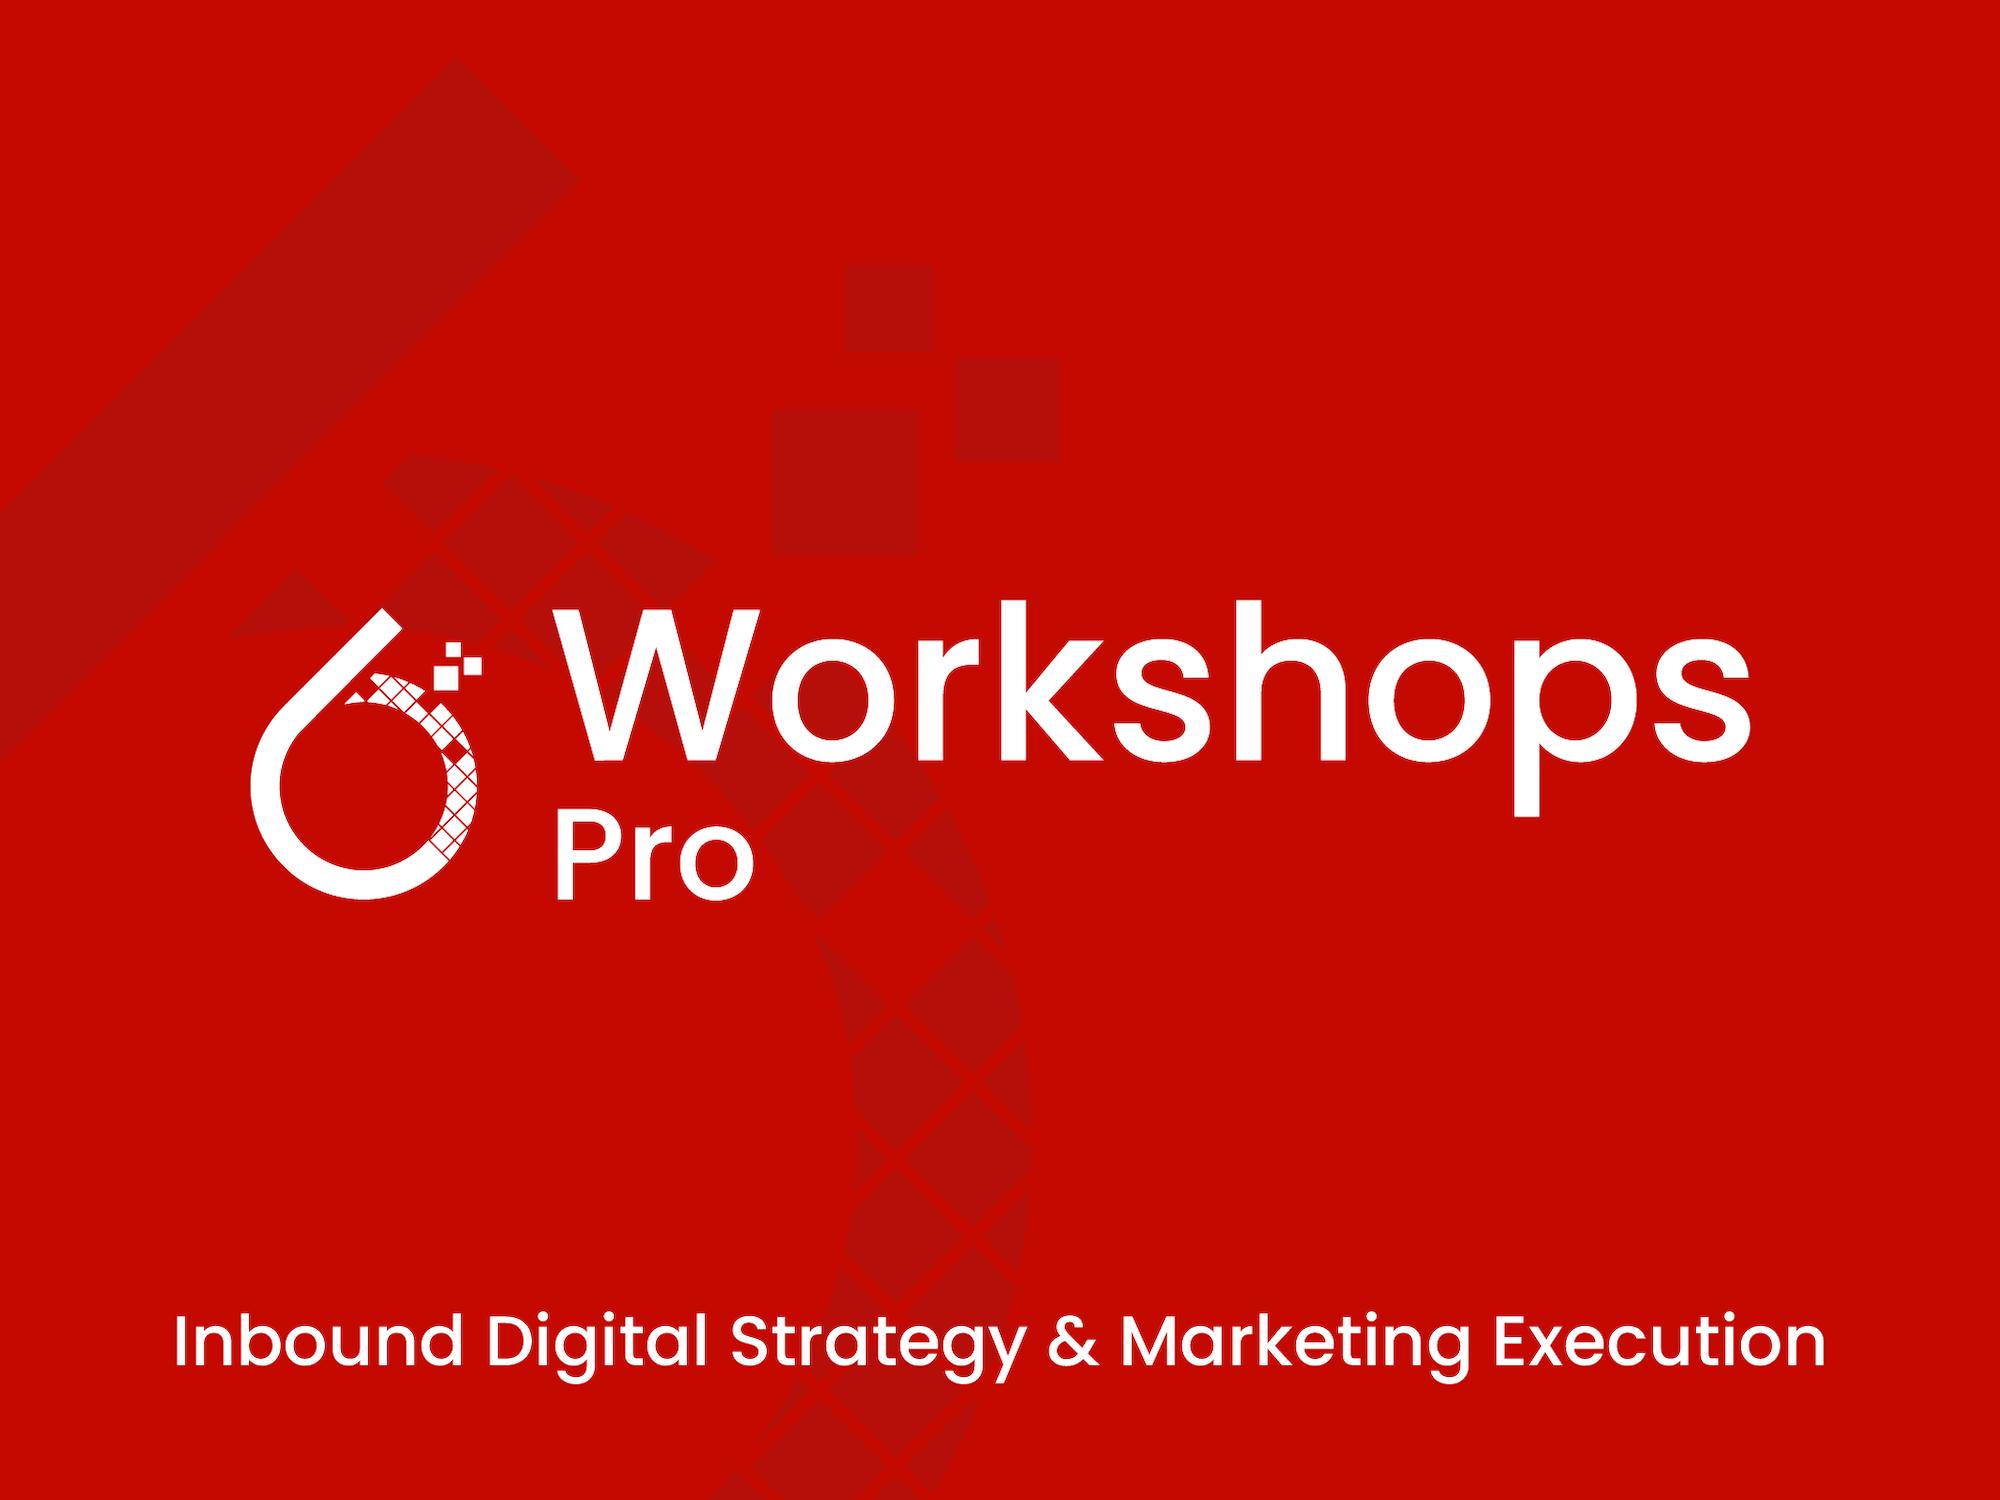 6teen30 - Growth Agency - Inbound Workshop Pro